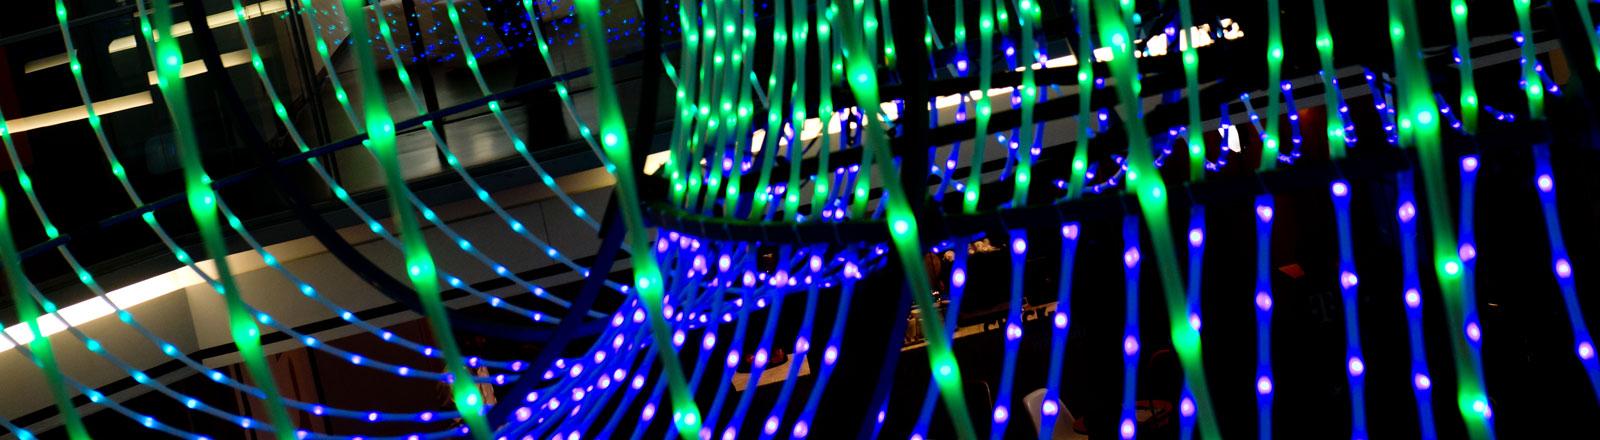 Eine Teilnehmerin der DLD (Digital-Life-Design) Konferenz in München (Bayern) betrachtet am 19.01.2014 kurz vor der Eröffnung der Konferenz eine Lichtinstallation.